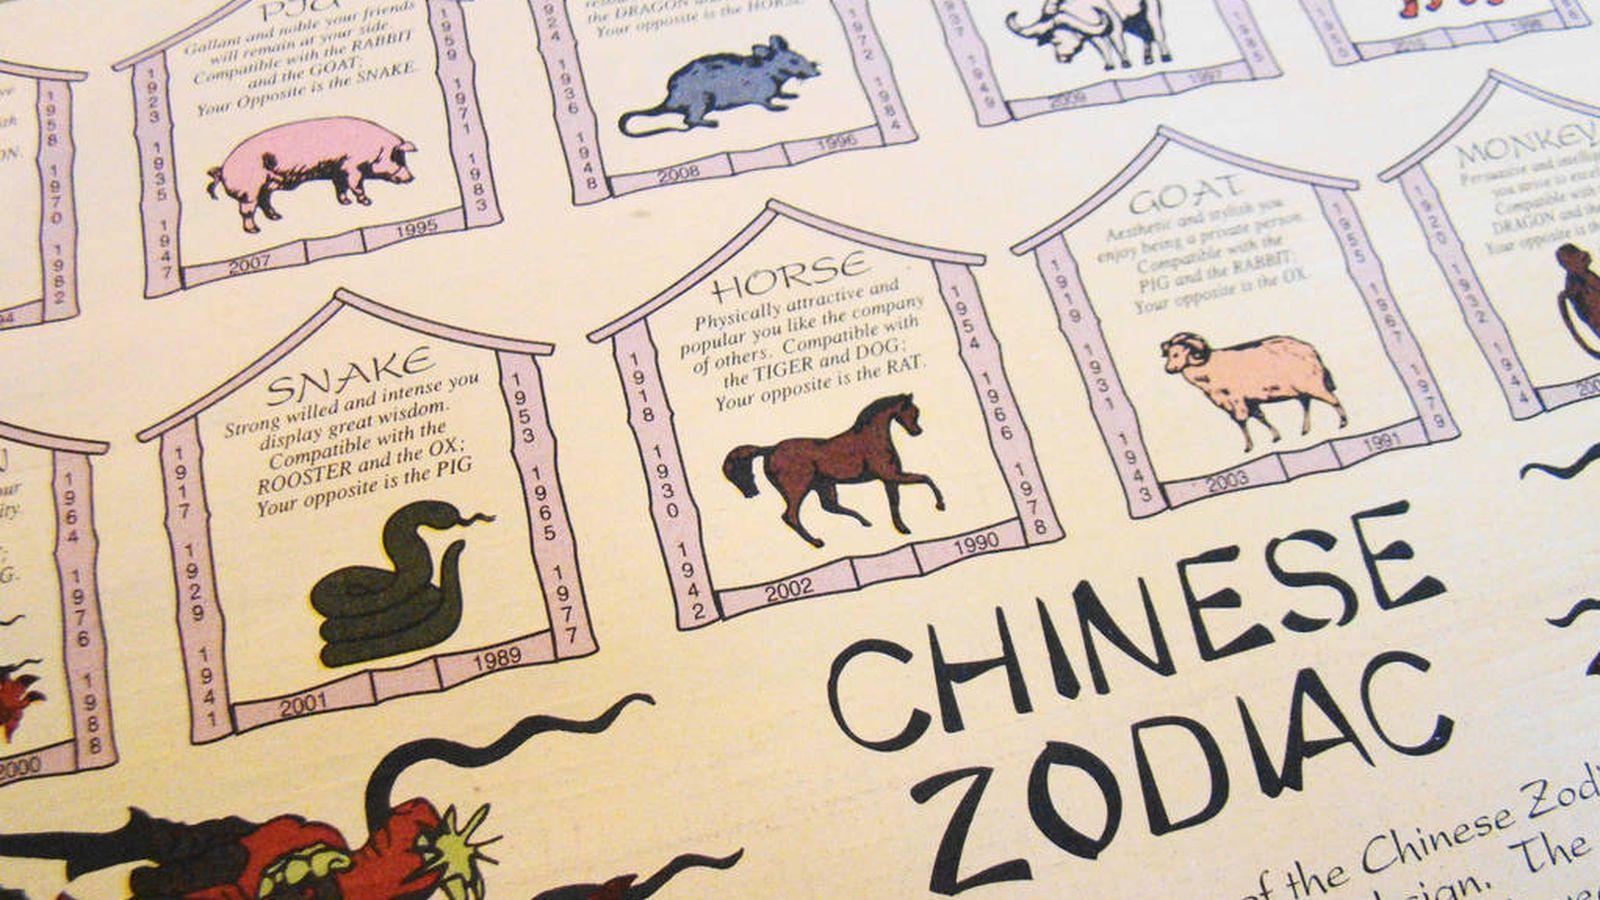 Horóscopo: Horóscopo chino: ¿Qué animal me corresponde si nací el año...?.  Noticias de Sociedad